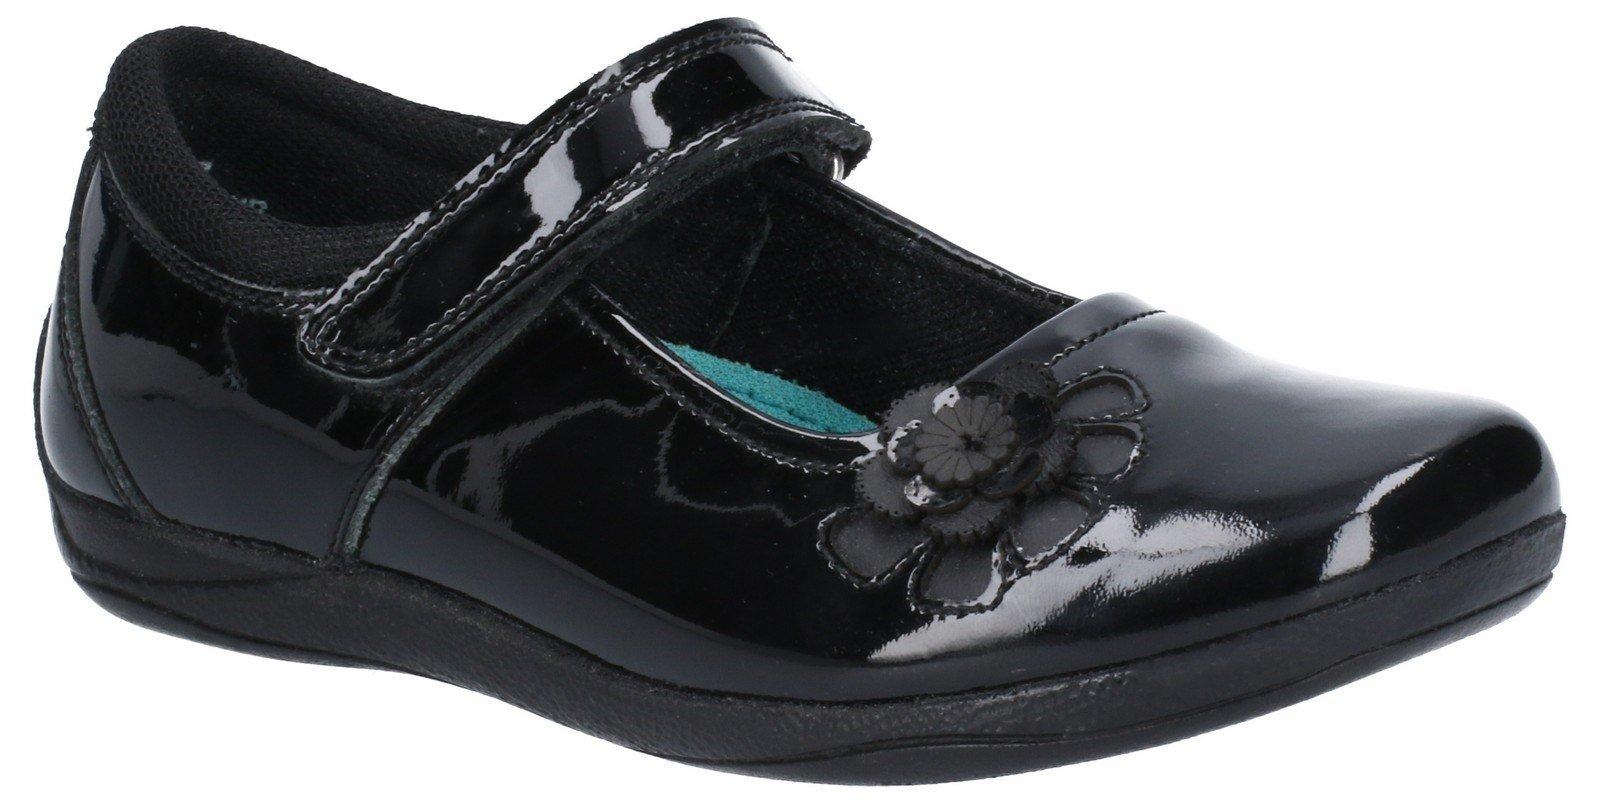 Hush Puppies Women's Jessica Patent Jnr School Shoe Various Colours 29246 - Black 10